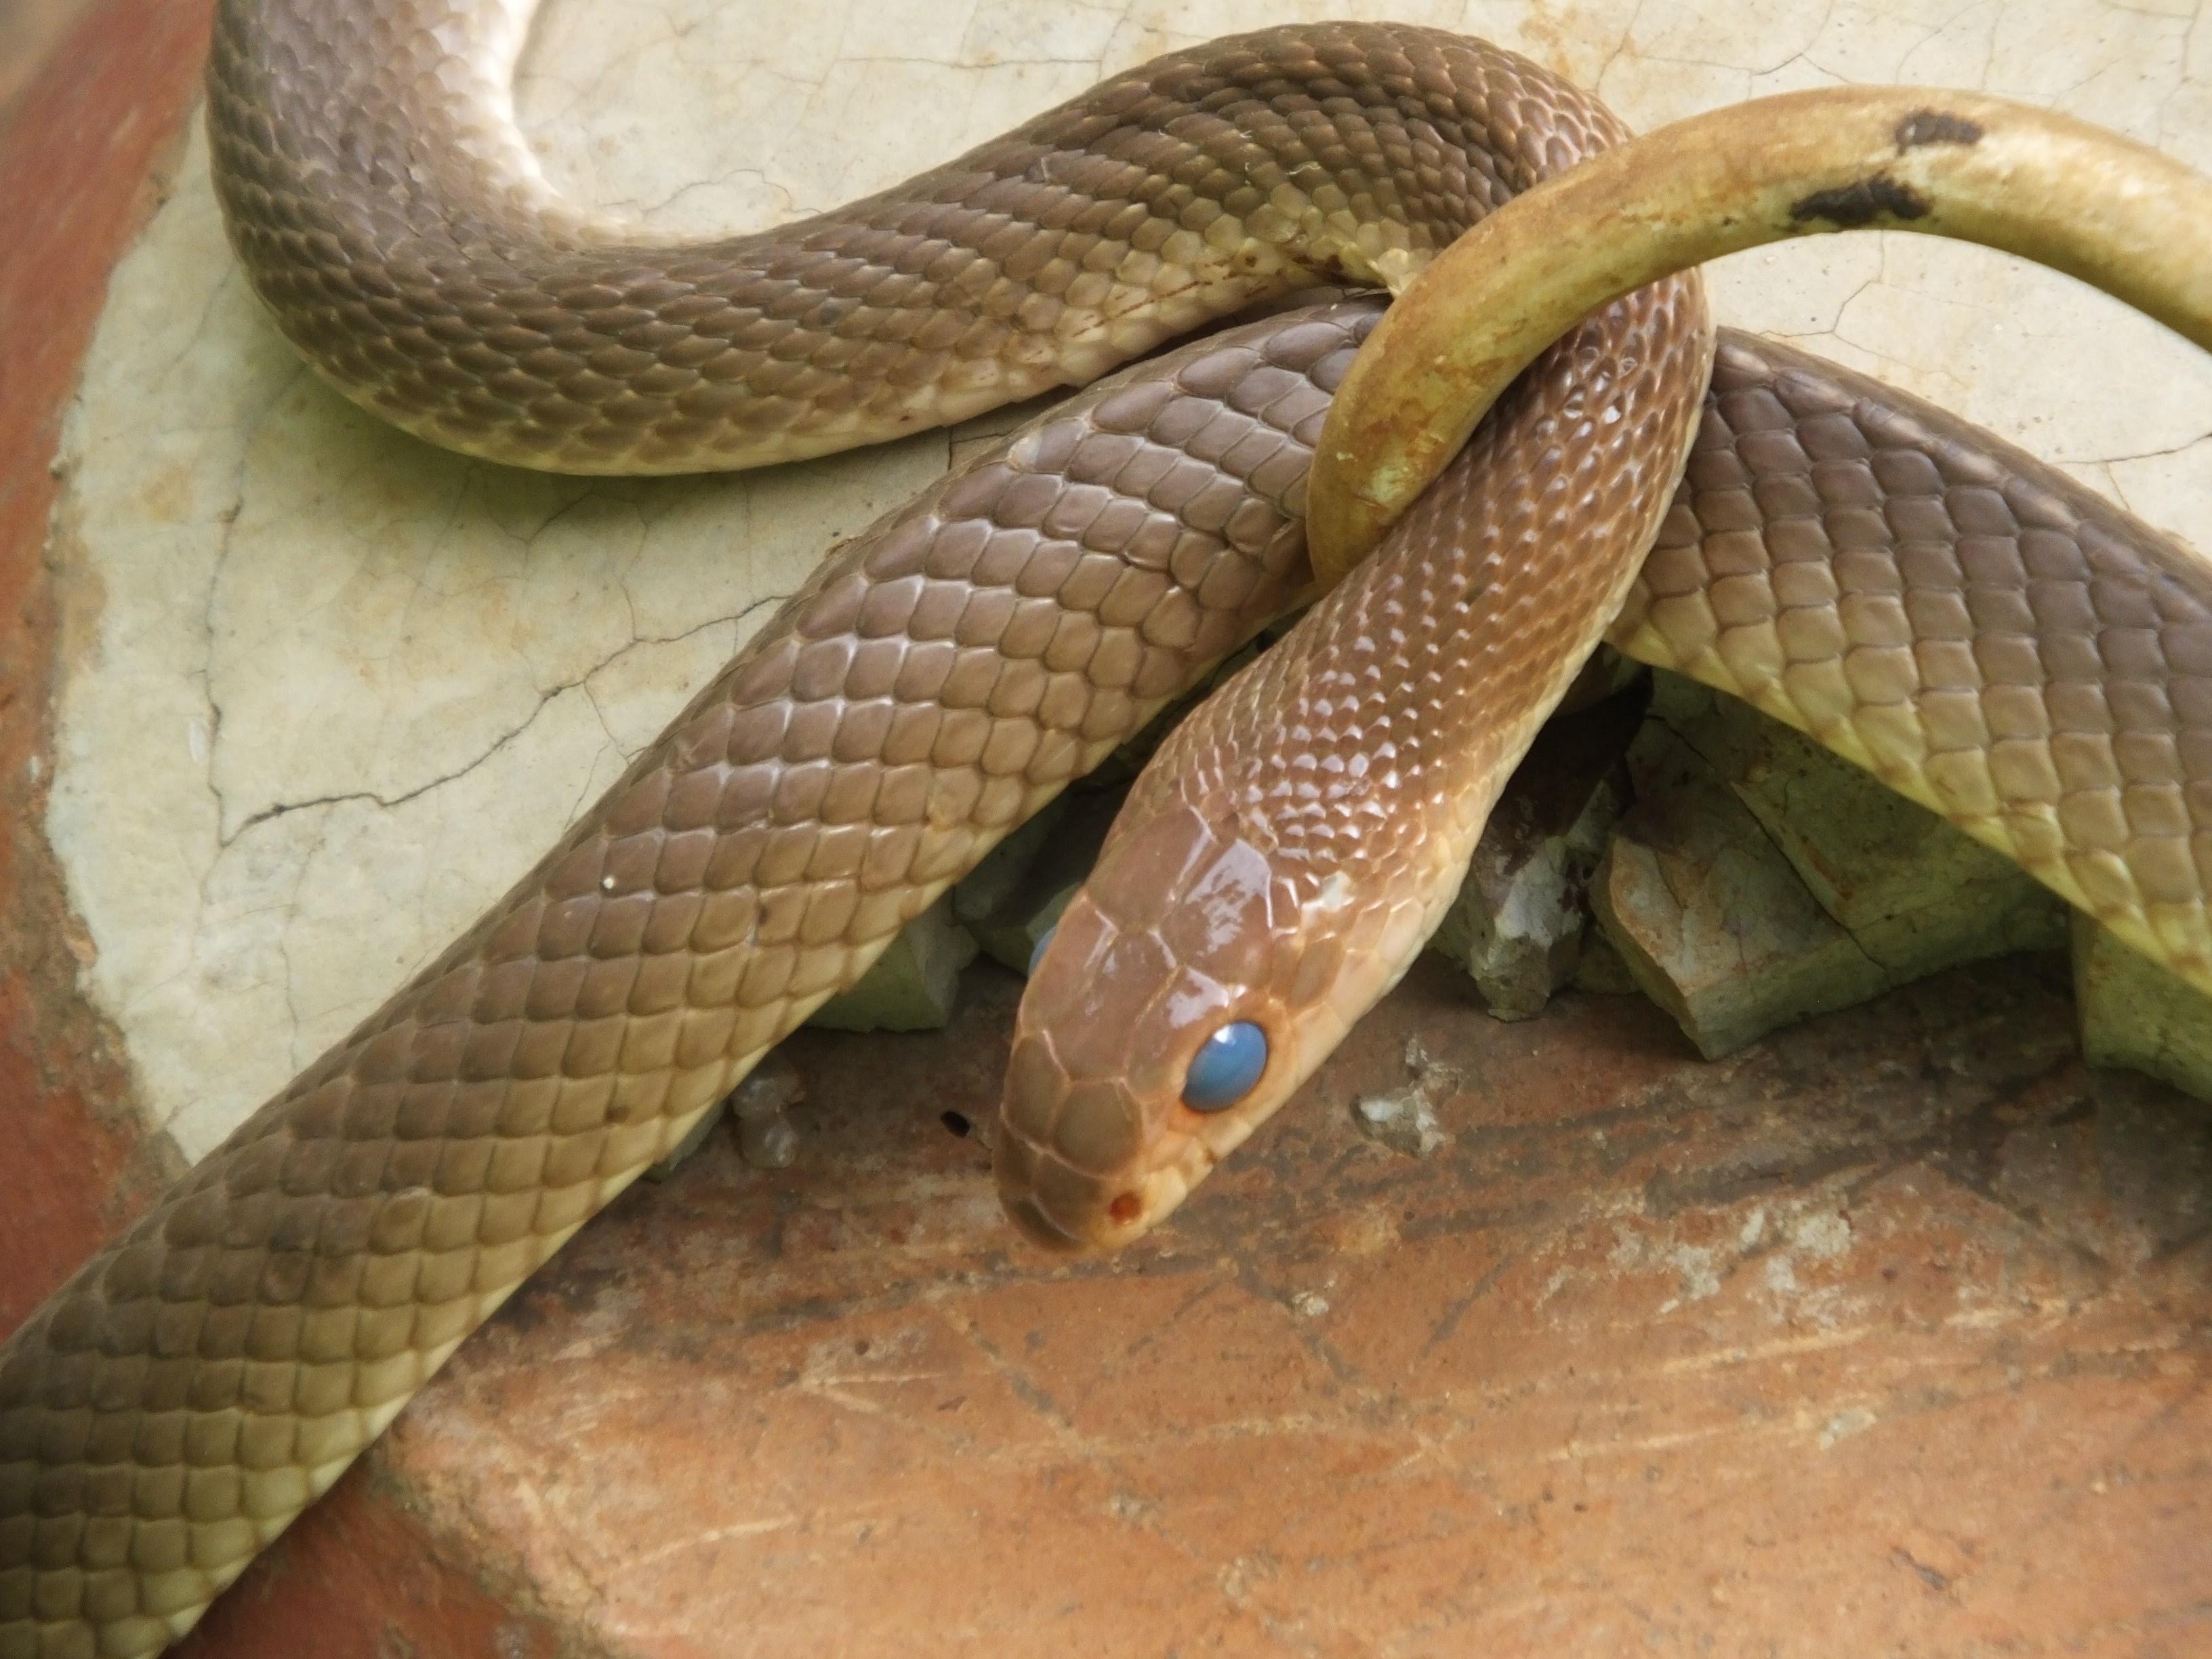 Speckled Sand Snake